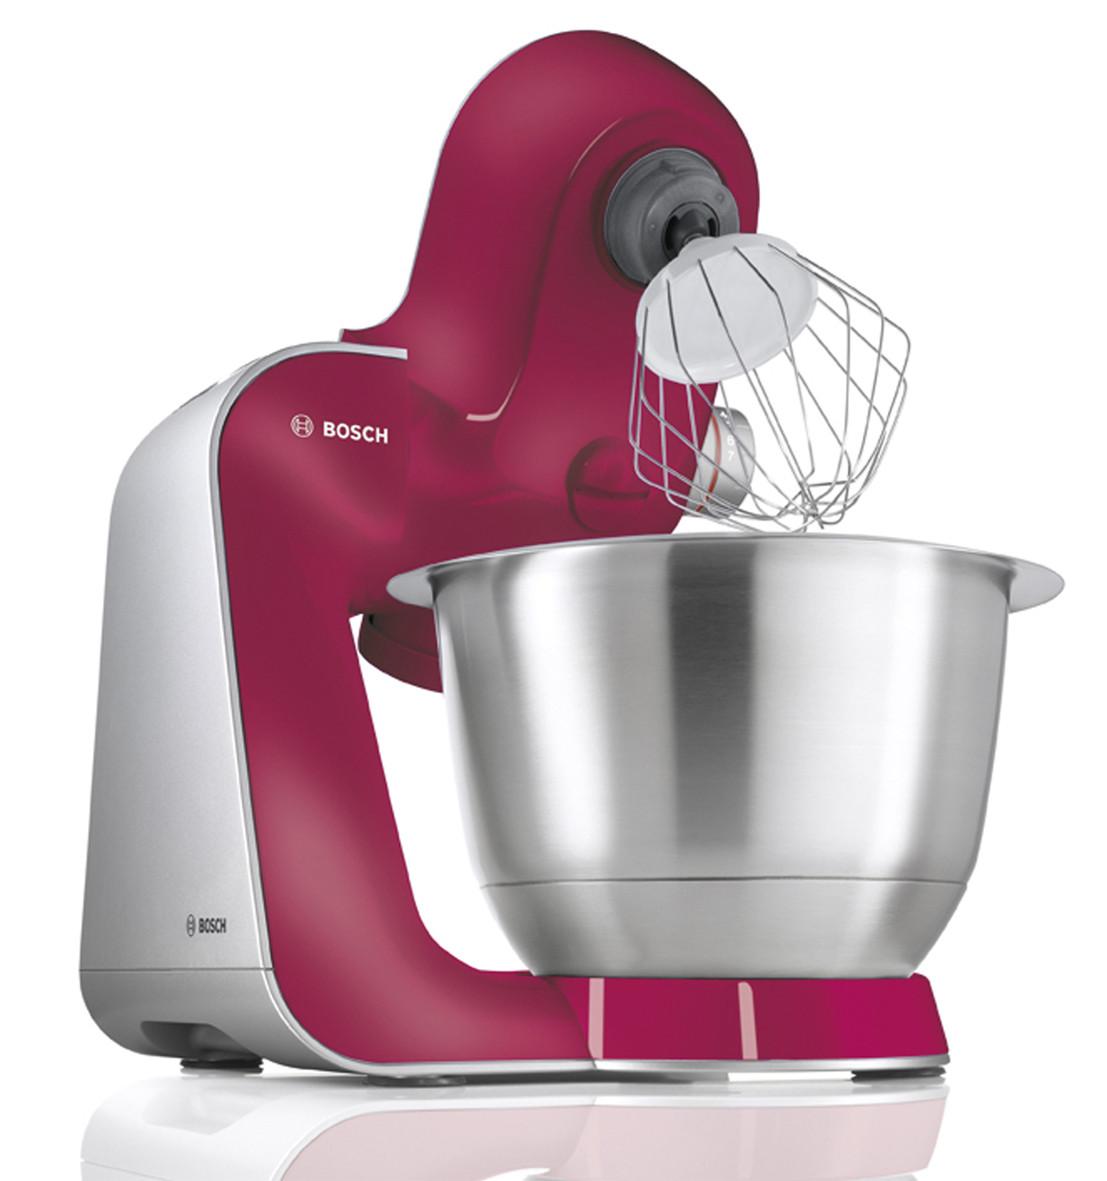 Küchenmaschine Bosch  Küchenmaschine Bosch MUM aus der Red Diamond Serie